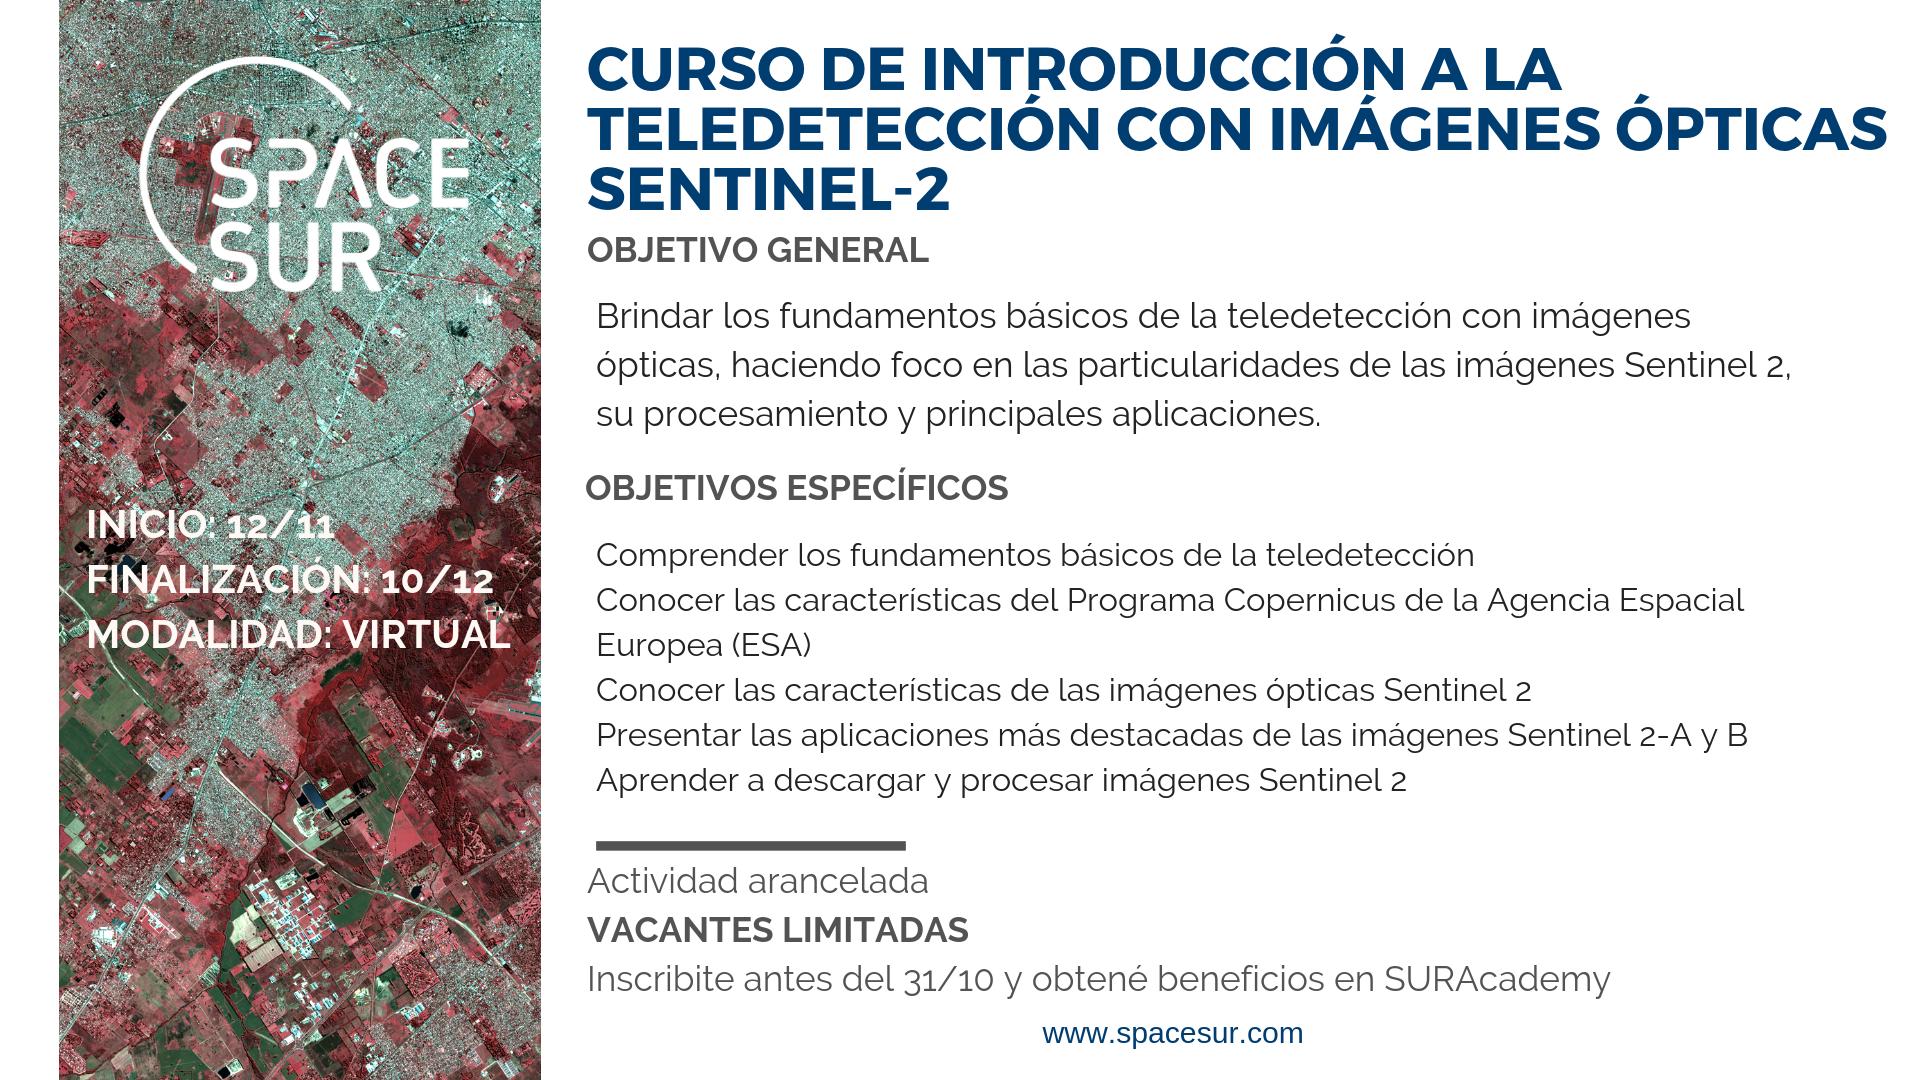 Introducción a la teledetección con imágenes ópticas Sentinel-2